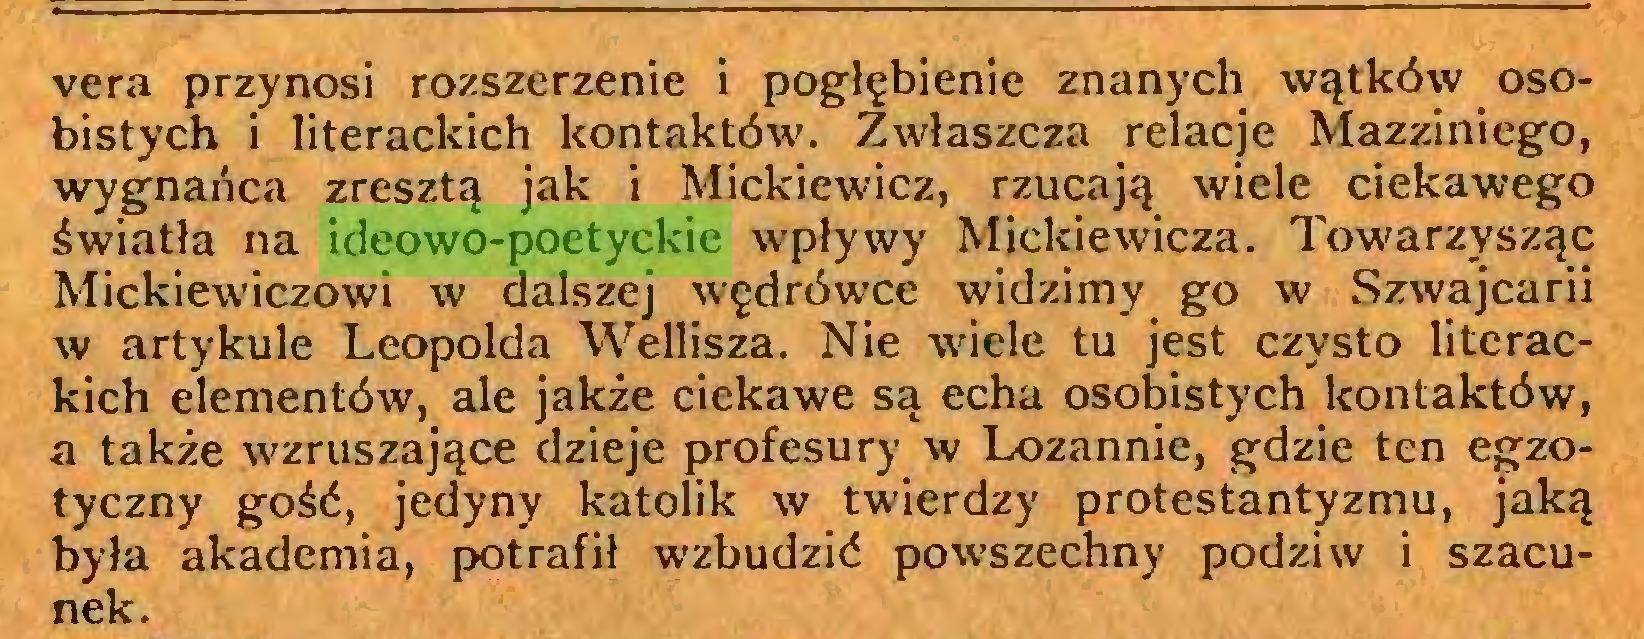 (...) vera przynosi rozszerzenie i pogłębienie znanych wątków osobistych i literackich kontaktów. Zwłaszcza relacje Mazziniego, wygnańca zresztą jak i Mickiewicz, rzucają wiele ciekawego światła na ideowo-poetyckie wpływy Mickiewicza. Towarzysząc Mickiewiczowi w dalszej wędrówce widzimy go w Szwajcarii w artykule Leopolda Wellisza. Nie wiele tu jest czysto literackich elementów, ale jakże ciekawe są echa osobistych kontaktów, a także wzruszające dzieje profesury w Lozannie, gdzie ten egzotyczny gość, jedyny katolik w twierdzy protestantyzmu, jaką była akademia, potrafił wzbudzić powszechny podziw i szacunek...